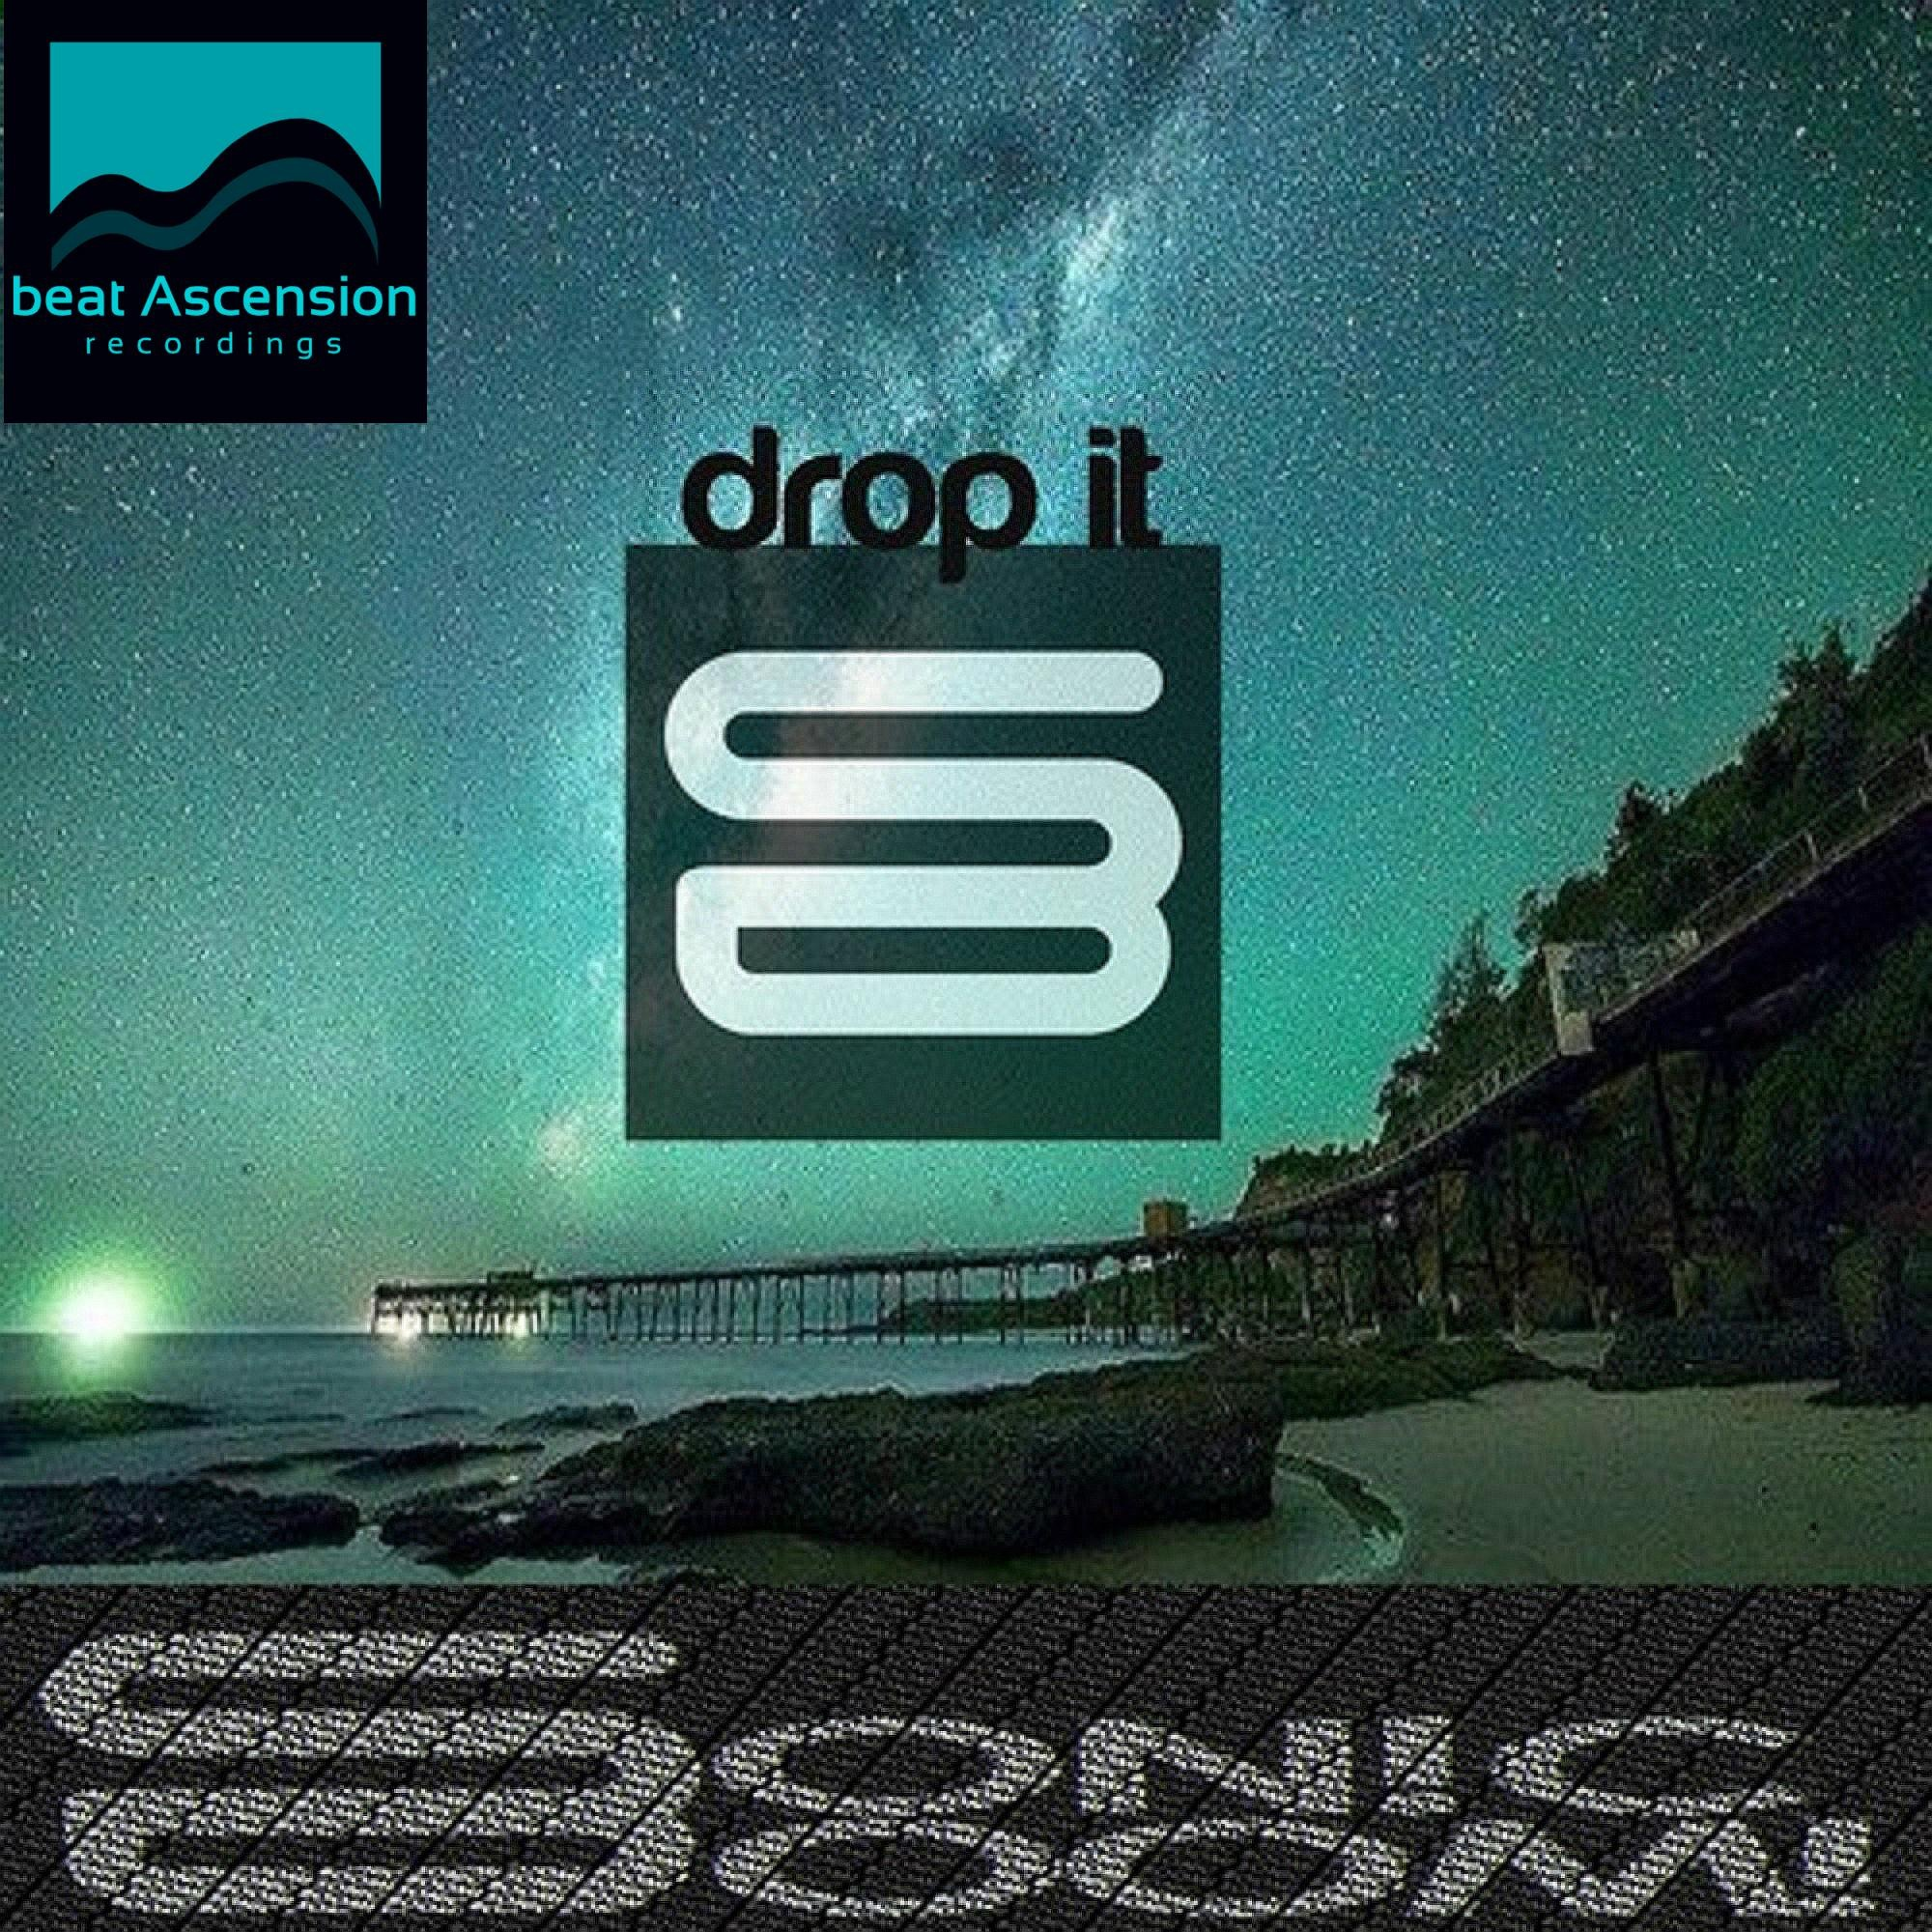 Drop it - Single